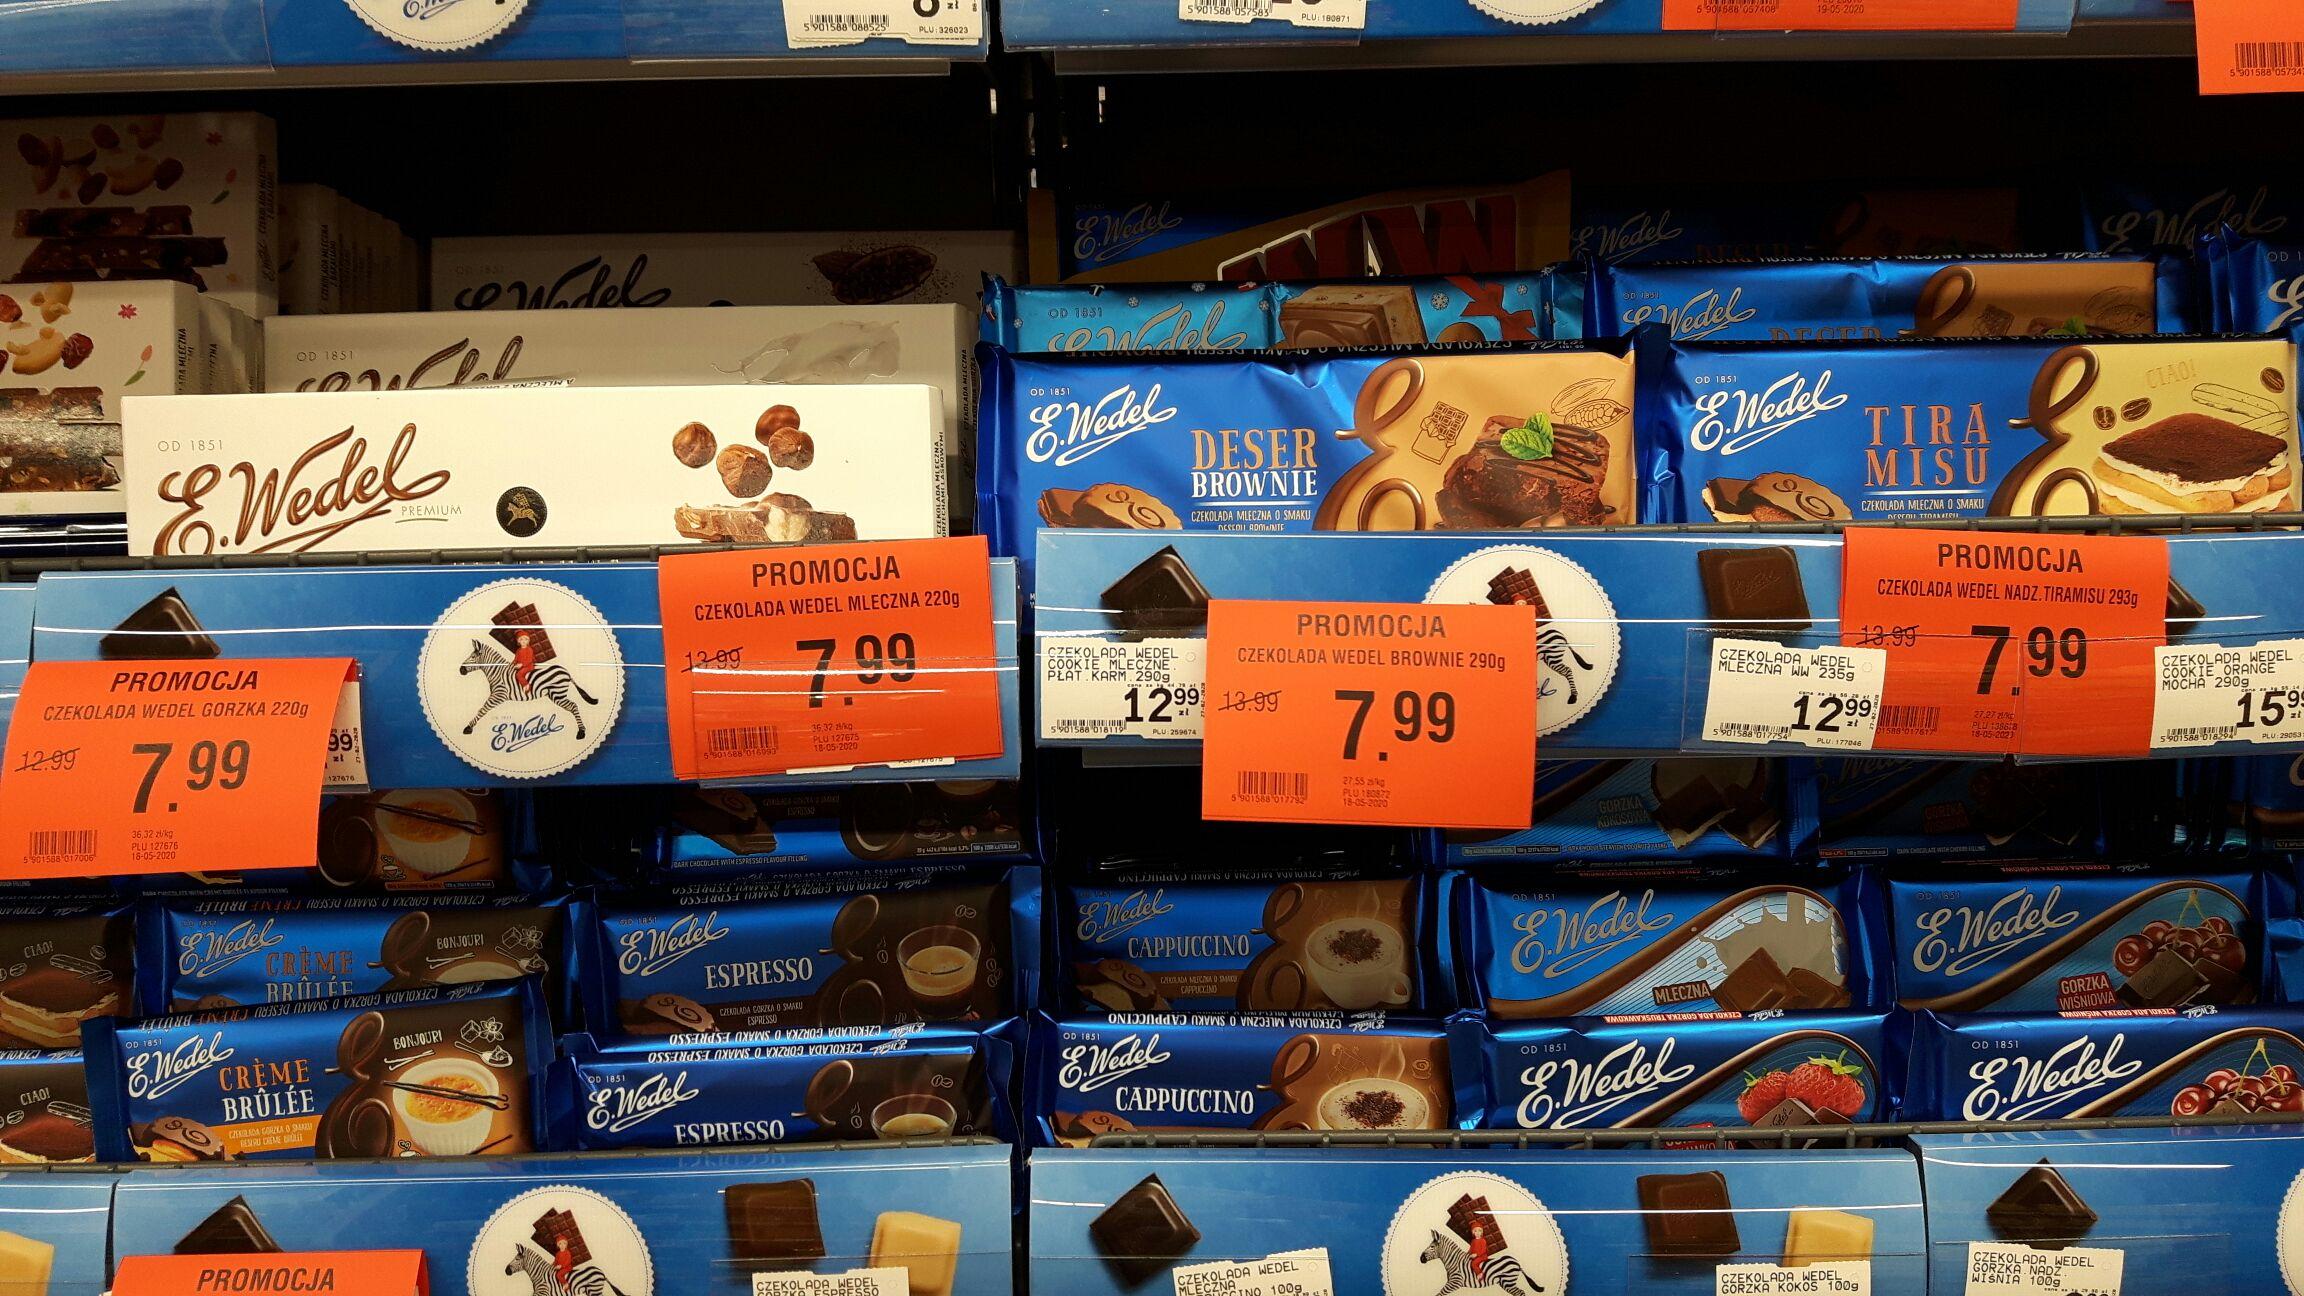 Wedel czekolada, różne rodzaje (duże i małe) 220g-290g